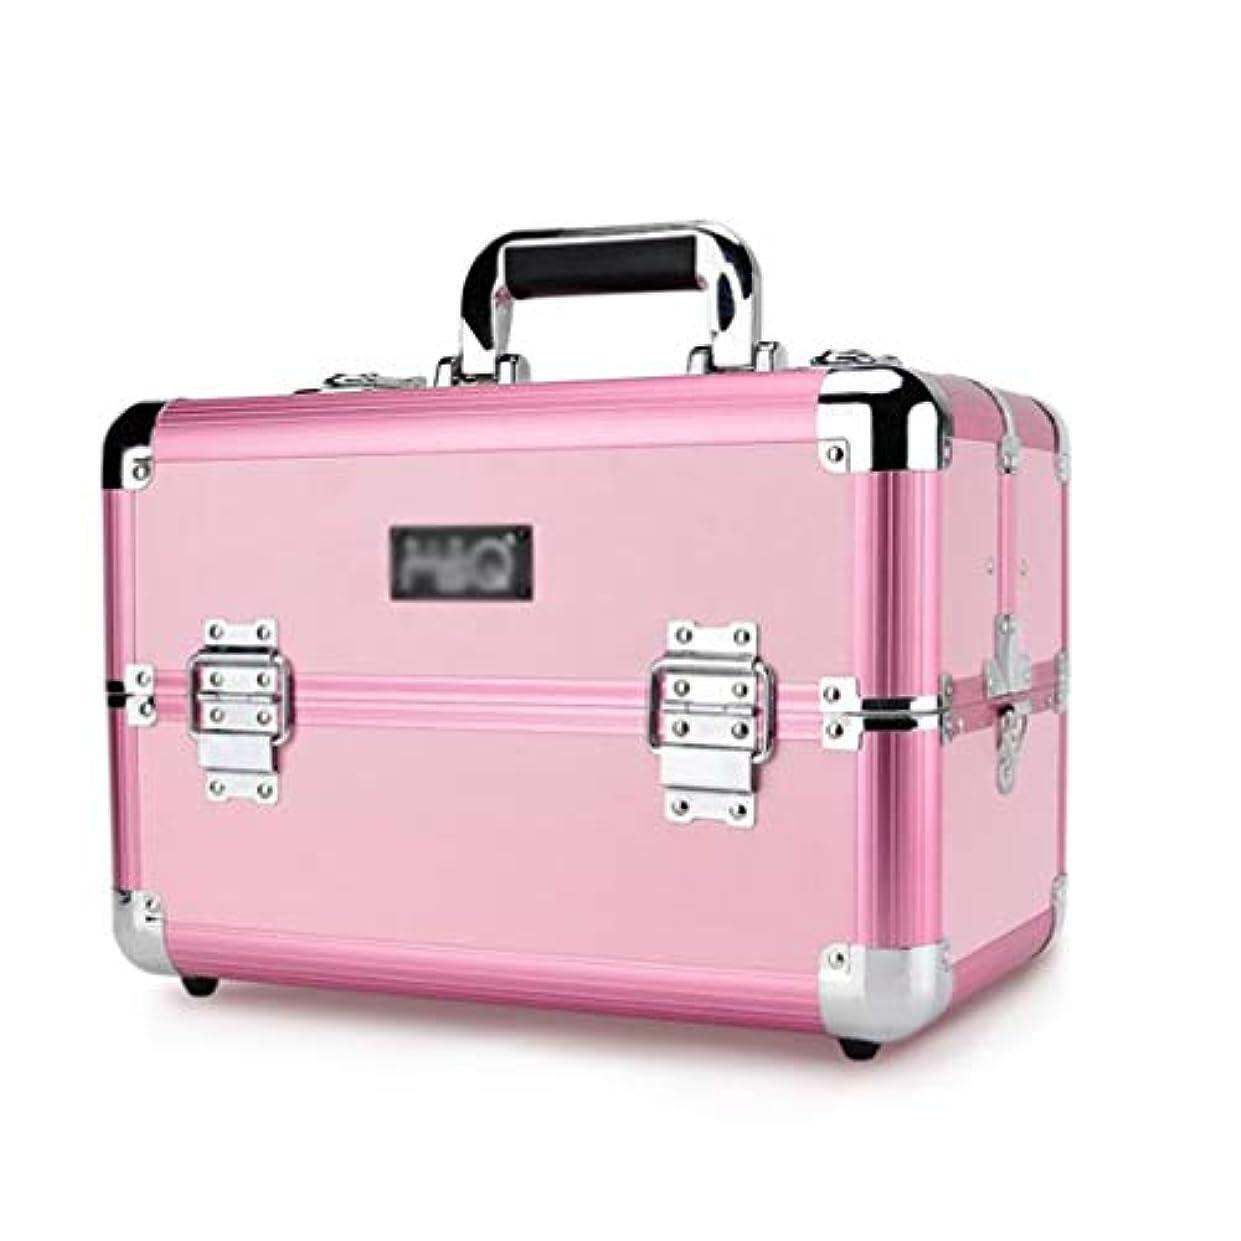 正規化してはいけないゼリーBUMC プロのアルミ化粧品ケースメイクアップトロリー列車テーブル虚栄心のための美容師特大旅行ジュエリーボックスオーガナイザー,Pink